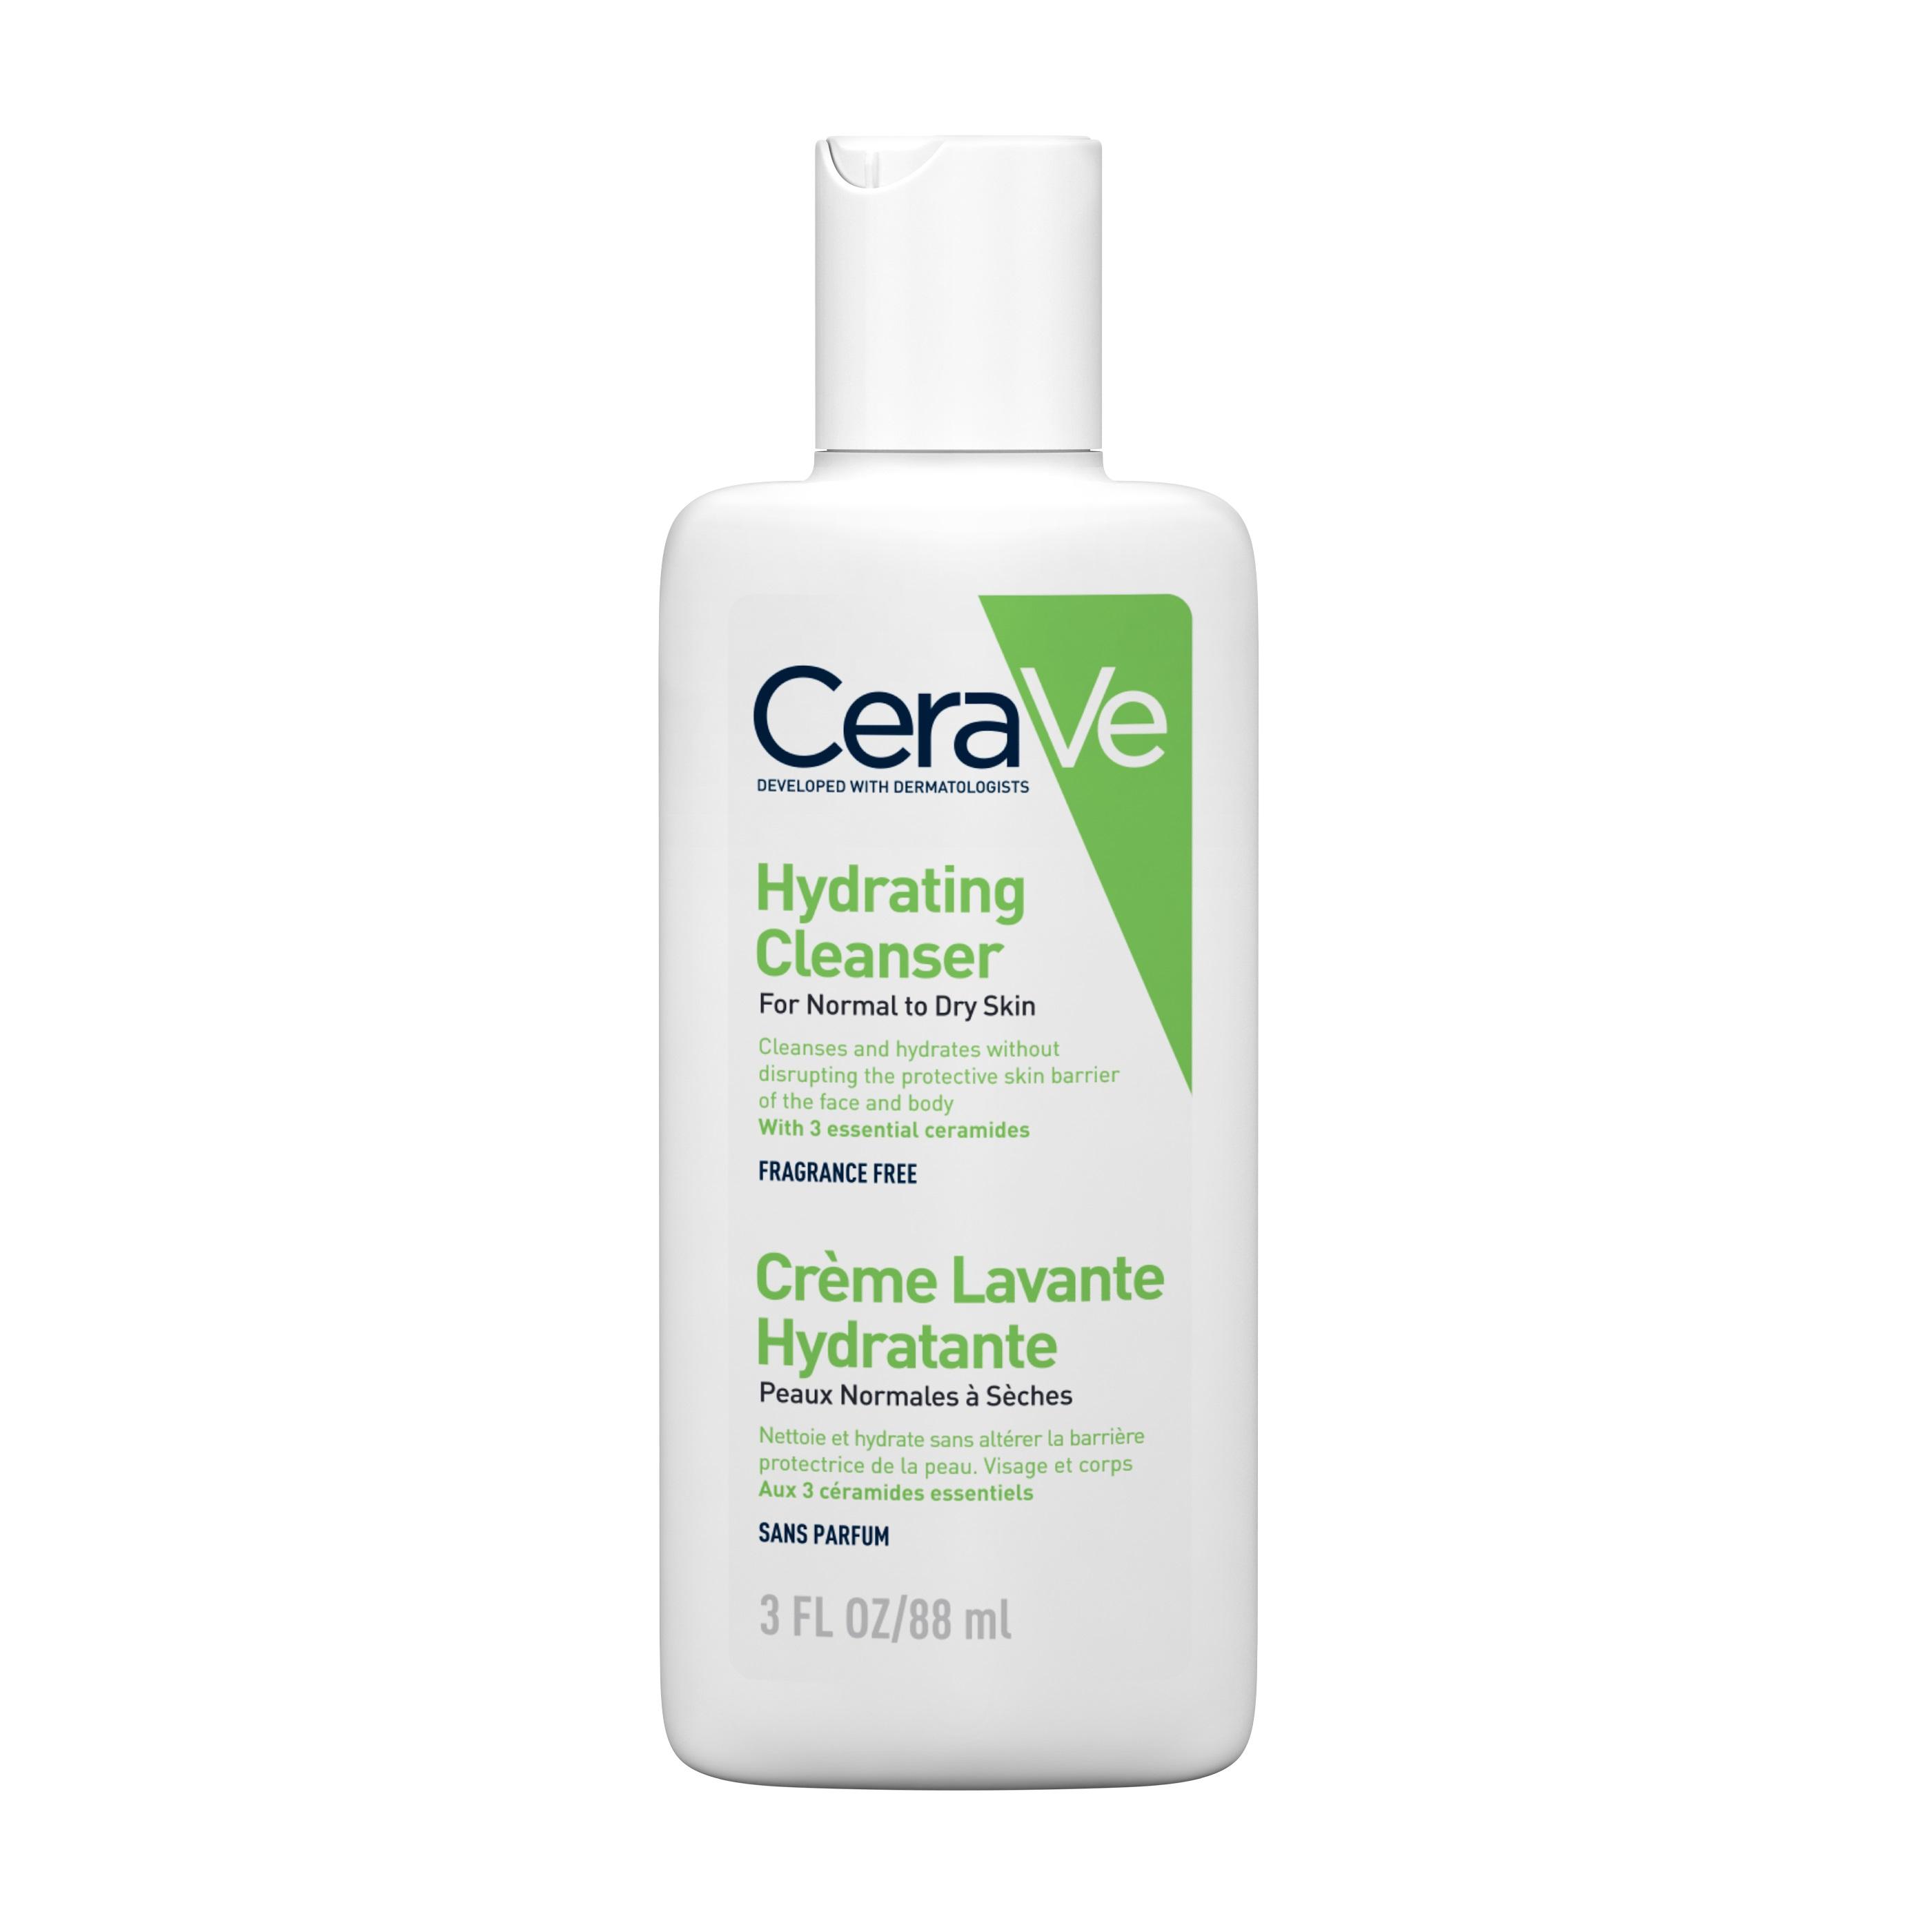 Gel de spălare hidratant pentru piele normal-uscată, 88 ml, CeraVe